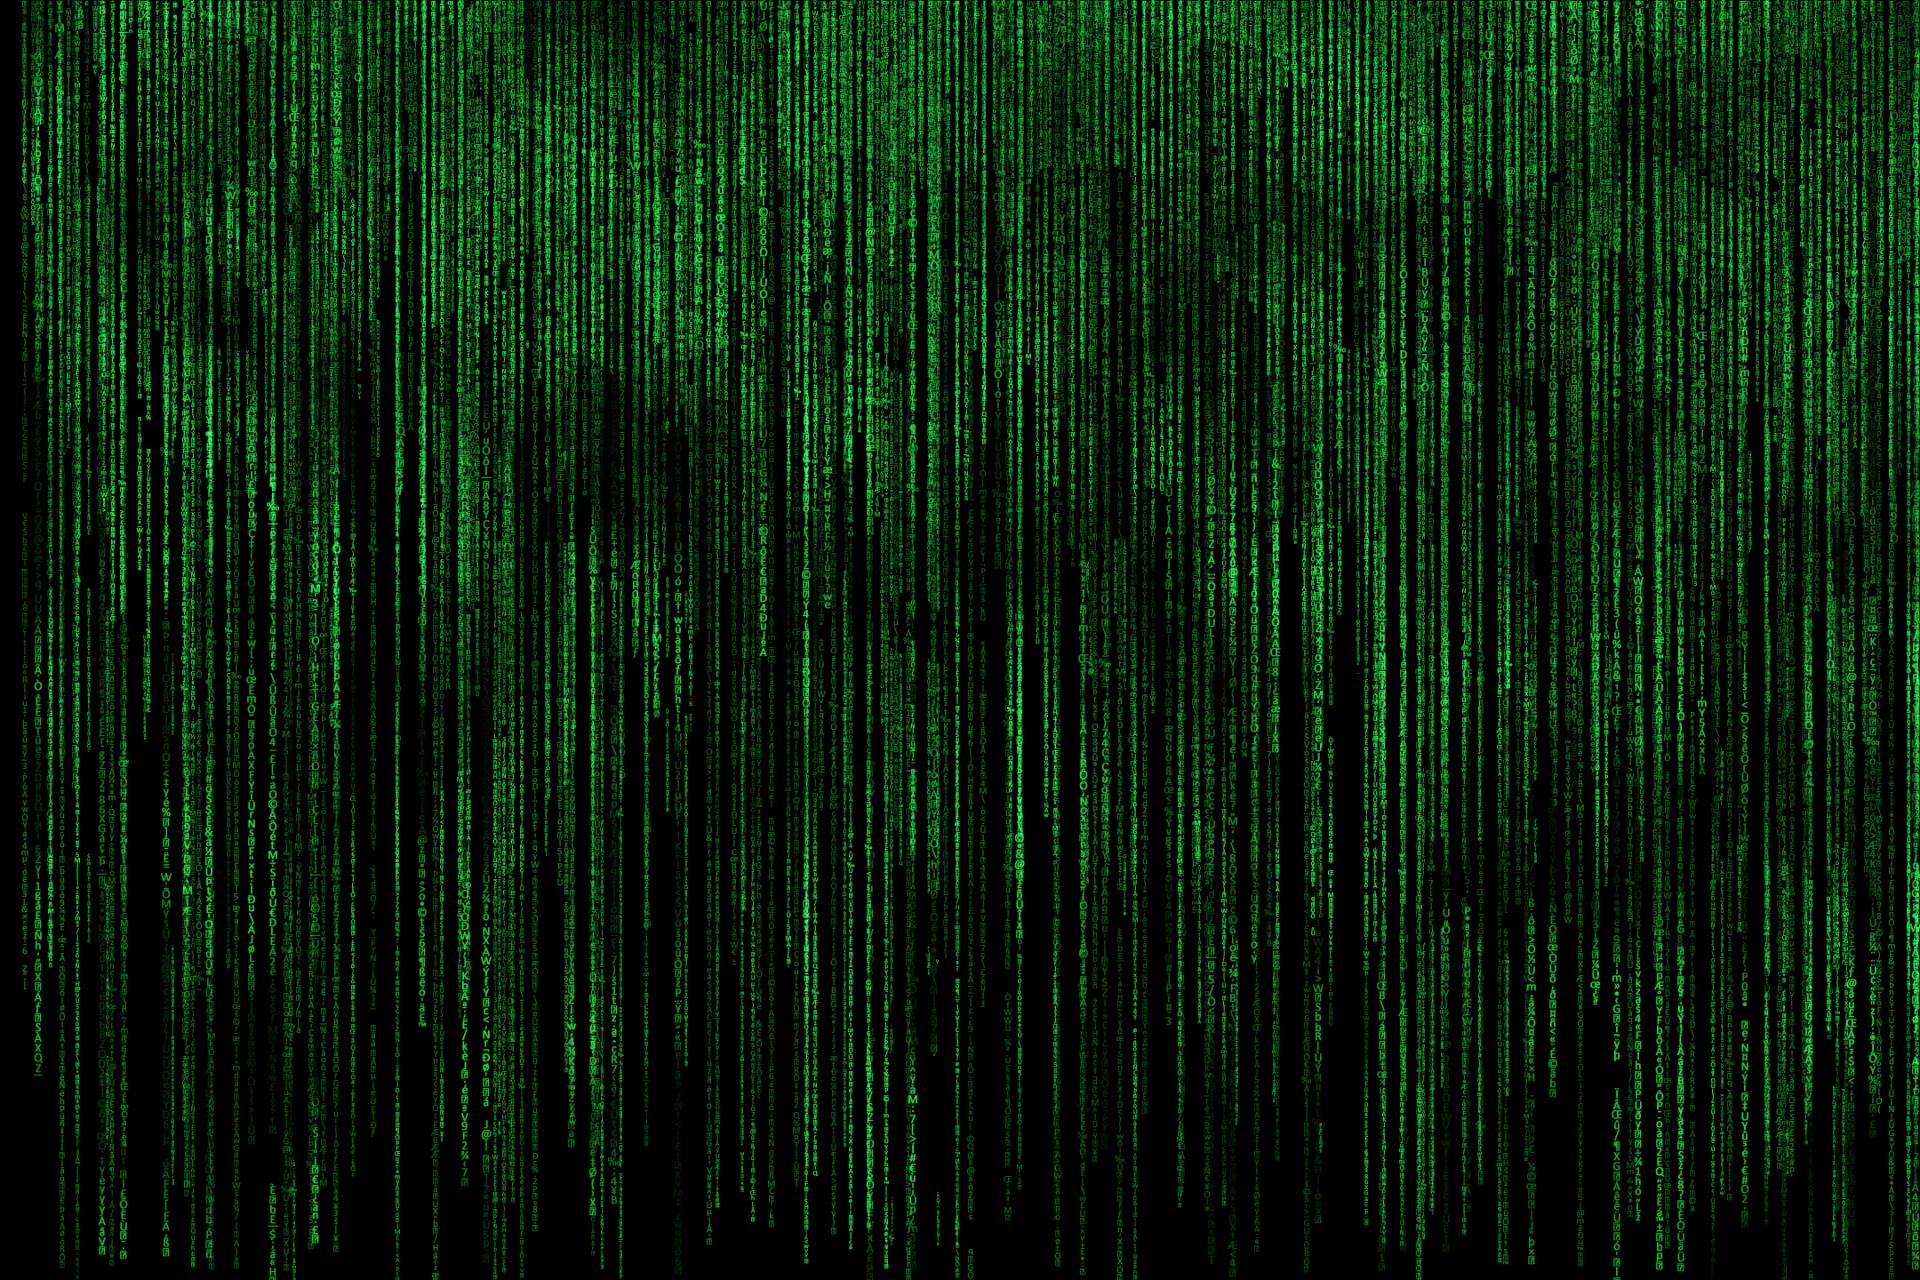 Fondos De Pantalla Hd Fondos: The Matrix HD Wallpaper